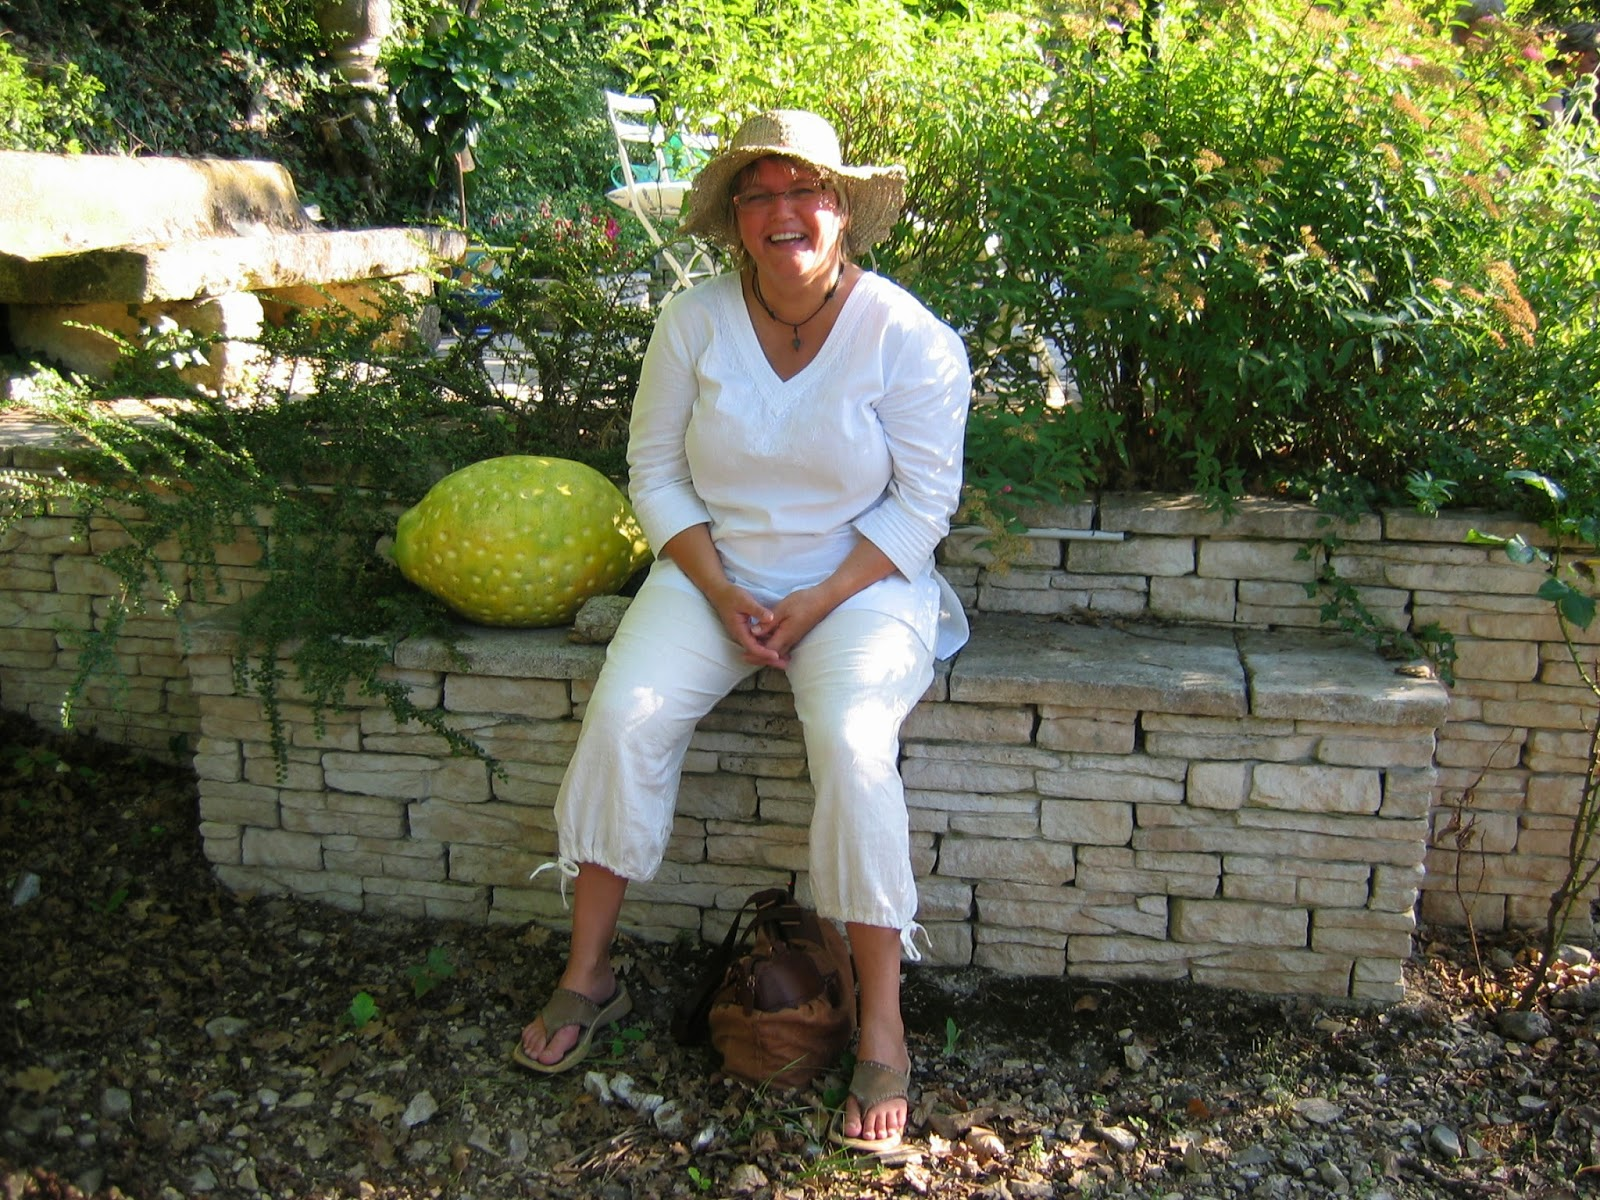 Isas Trädgård: Provence inspirerar alltid!